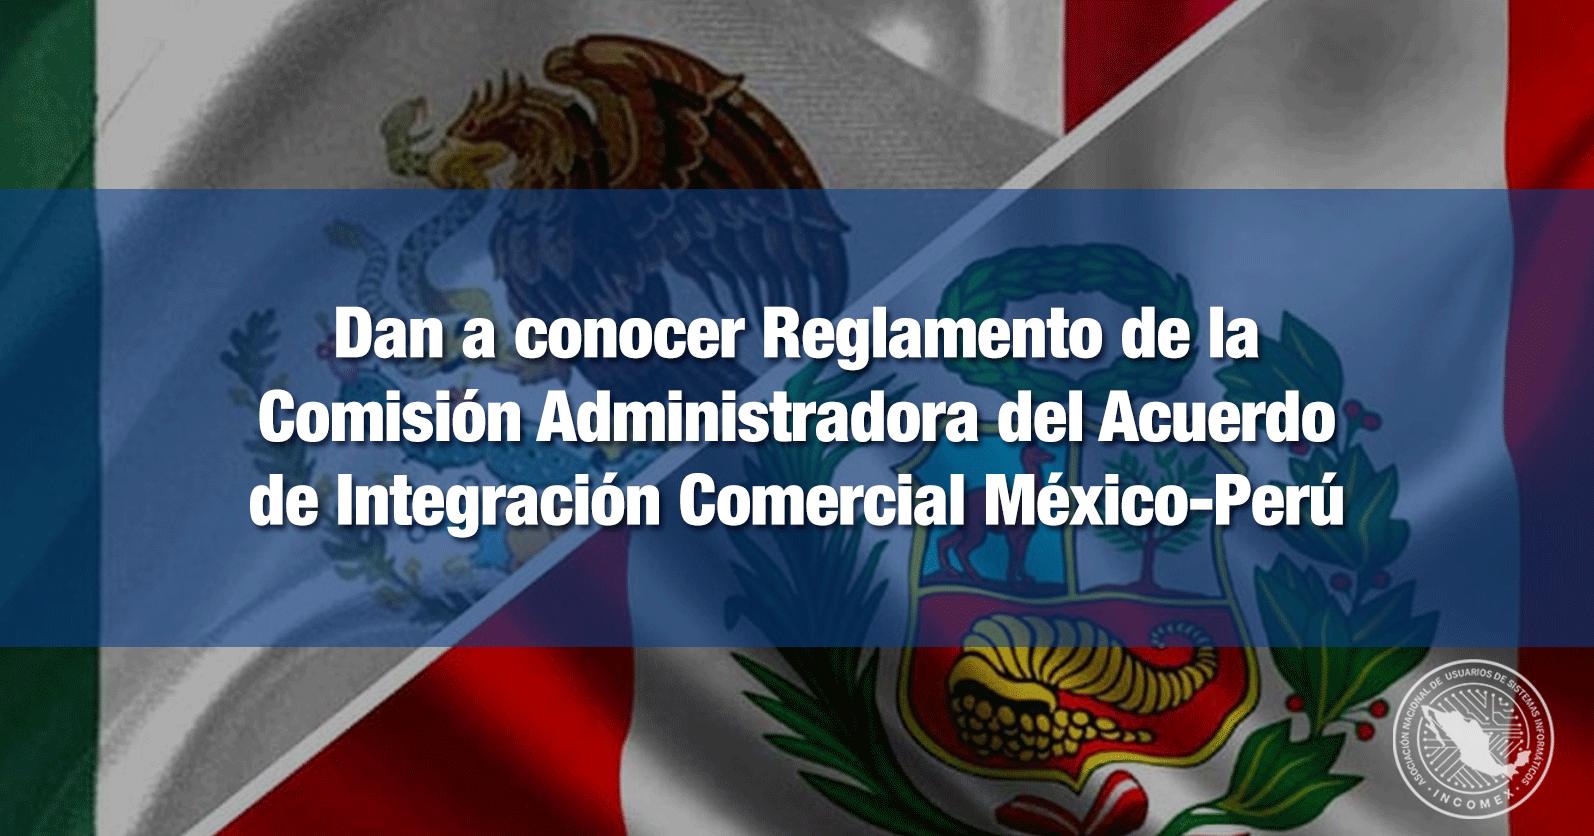 Dan a conocer Reglamento de la Comisión Administradora del Acuerdo de Integración Comercial México-Perú